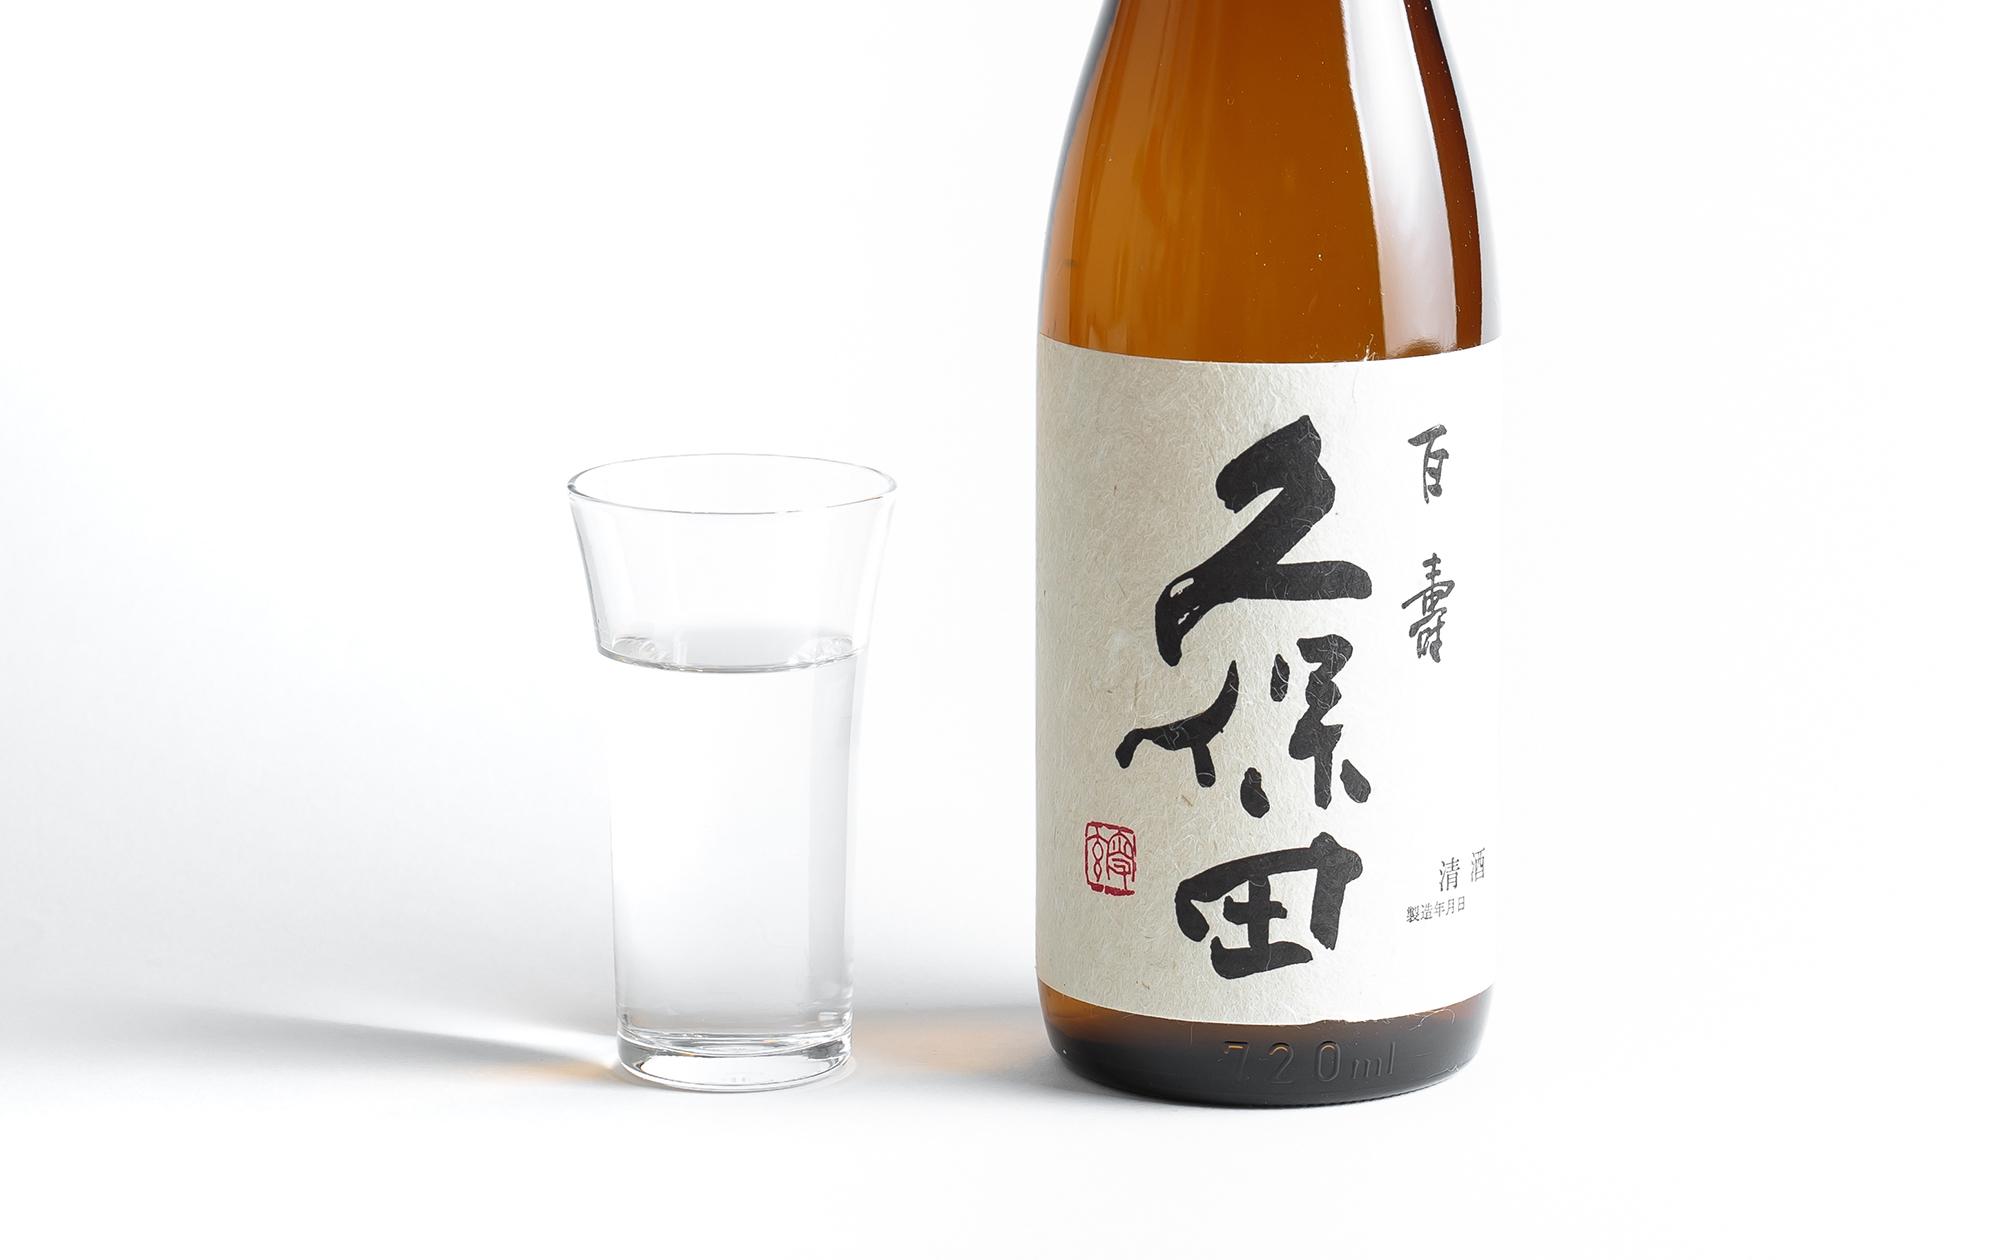 本醸造酒の飲み方やおすすめ銘柄をご紹介